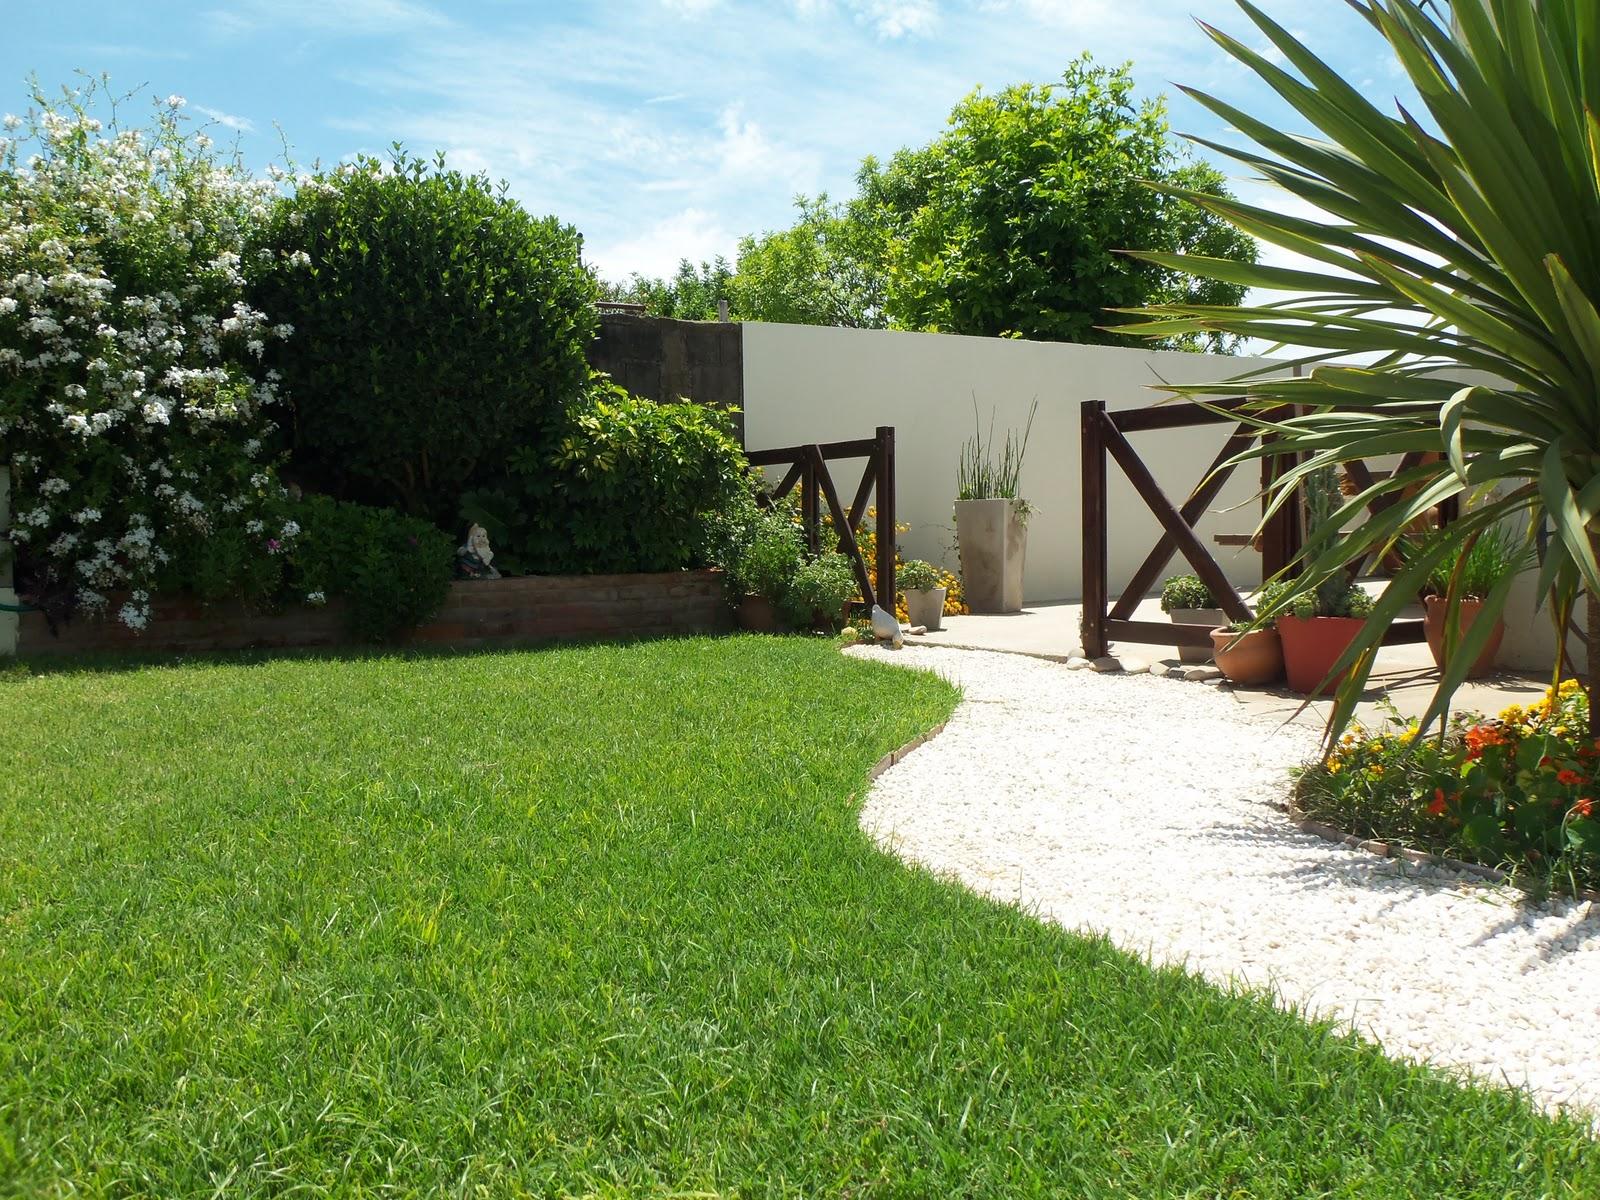 Mi jard n feliz el jard n de casa for Casas mi jardin